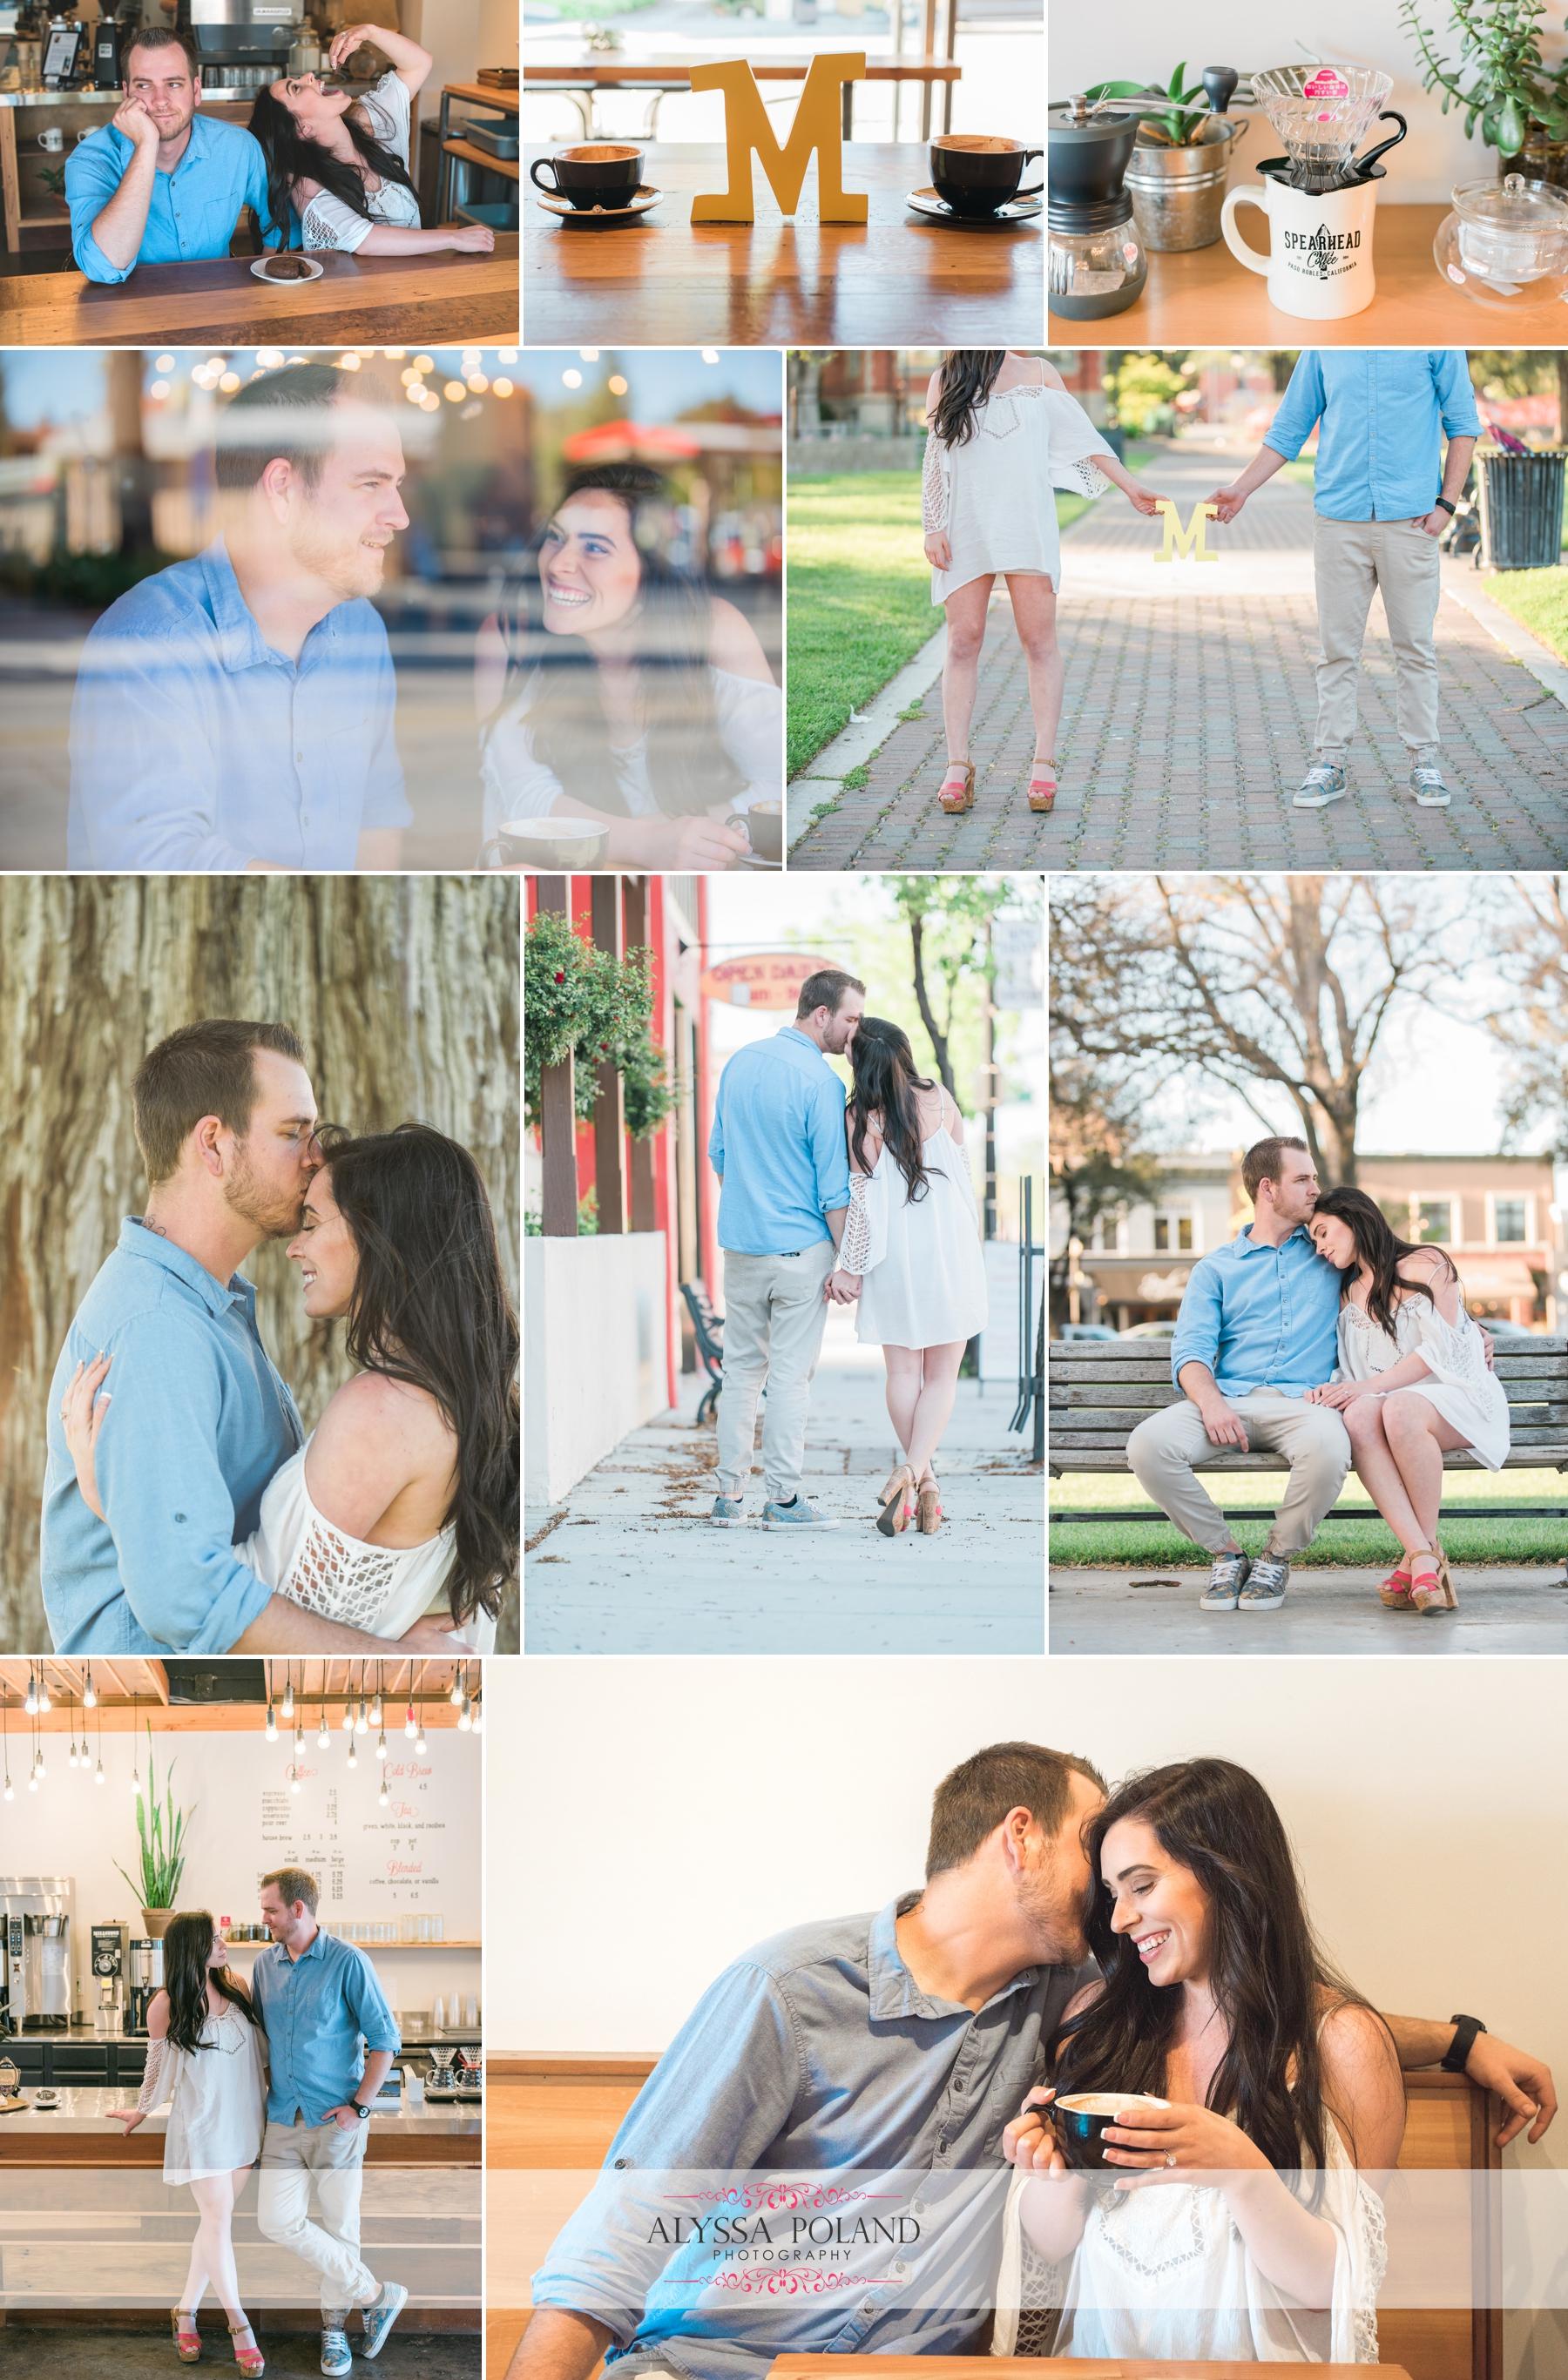 Lifestyle Engagement Photography